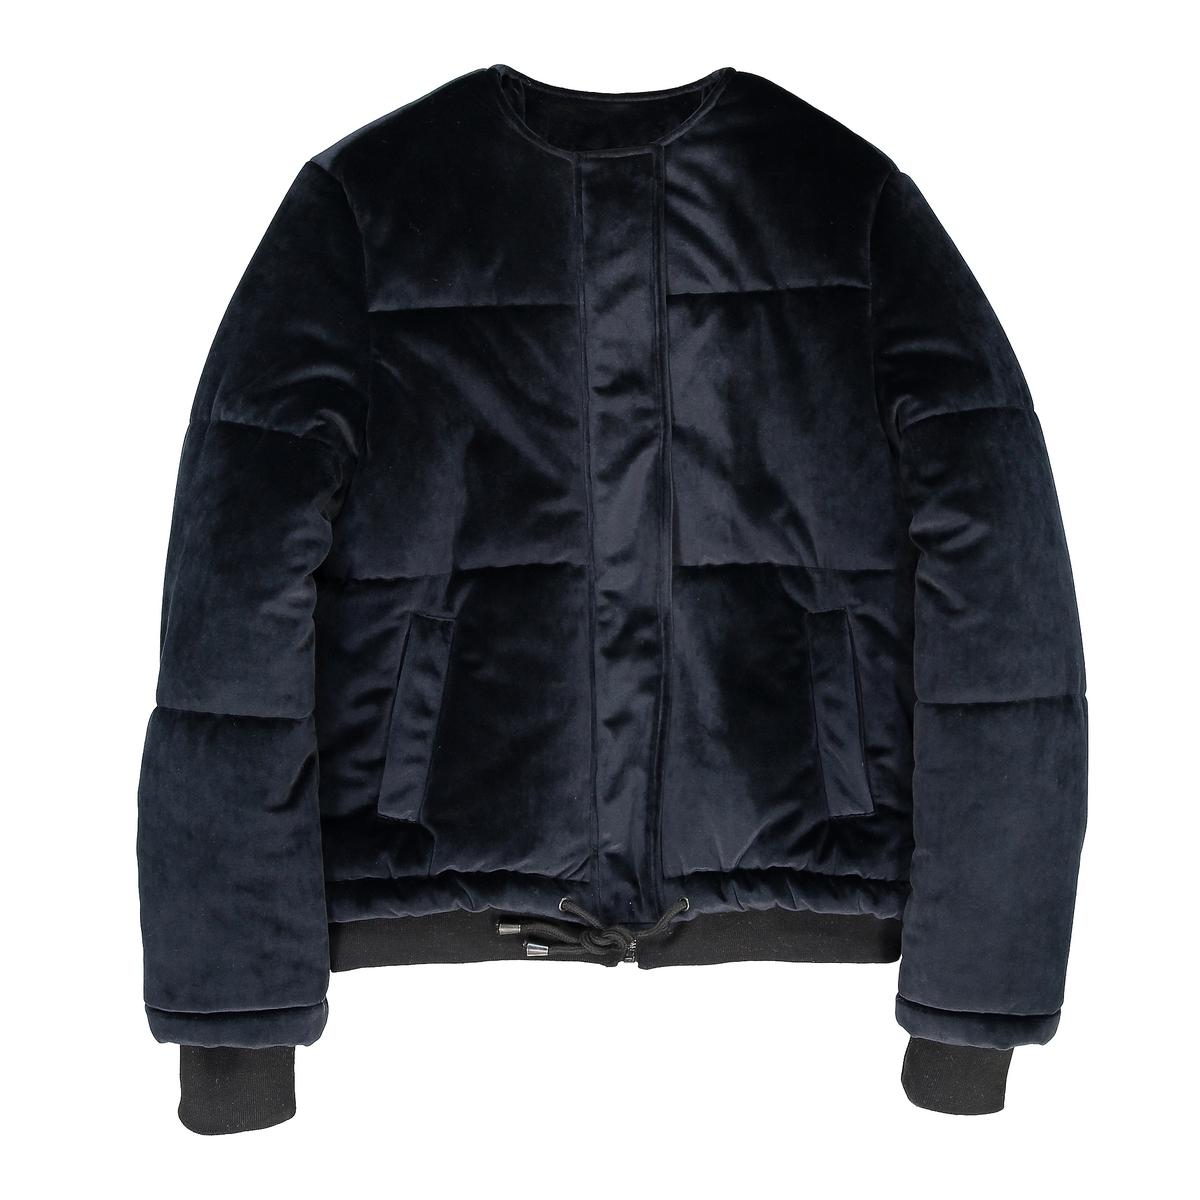 Куртка стеганая велюроваяОписание:Этой зимой стеганая куртка снова возвращается. Всем понравится мягкость этой стеганой куртки из теплого велюра, сочетающей стиль и комфорт.Детали •  Длина  : укороченная •  Круглый вырез •  Застежка на молниюСостав и уход •  100% полиэстер •  Подкладка : 100% полиэстер •  Наполнитель : 100% полиэстер • Не стирать •  Разрешается использование любых растворителей / отбеливание запрещено •  Не использовать барабанную сушку •  Не гладить •  Длина  : 62 см<br><br>Цвет: бордовый,синий морской,черный<br>Размер: 48 (FR) - 54 (RUS).46 (FR) - 52 (RUS).44 (FR) - 50 (RUS).44 (FR) - 50 (RUS).42 (FR) - 48 (RUS).46 (FR) - 52 (RUS).50 (FR) - 56 (RUS).42 (FR) - 48 (RUS).40 (FR) - 46 (RUS).38 (FR) - 44 (RUS).36 (FR) - 42 (RUS).34 (FR) - 40 (RUS)